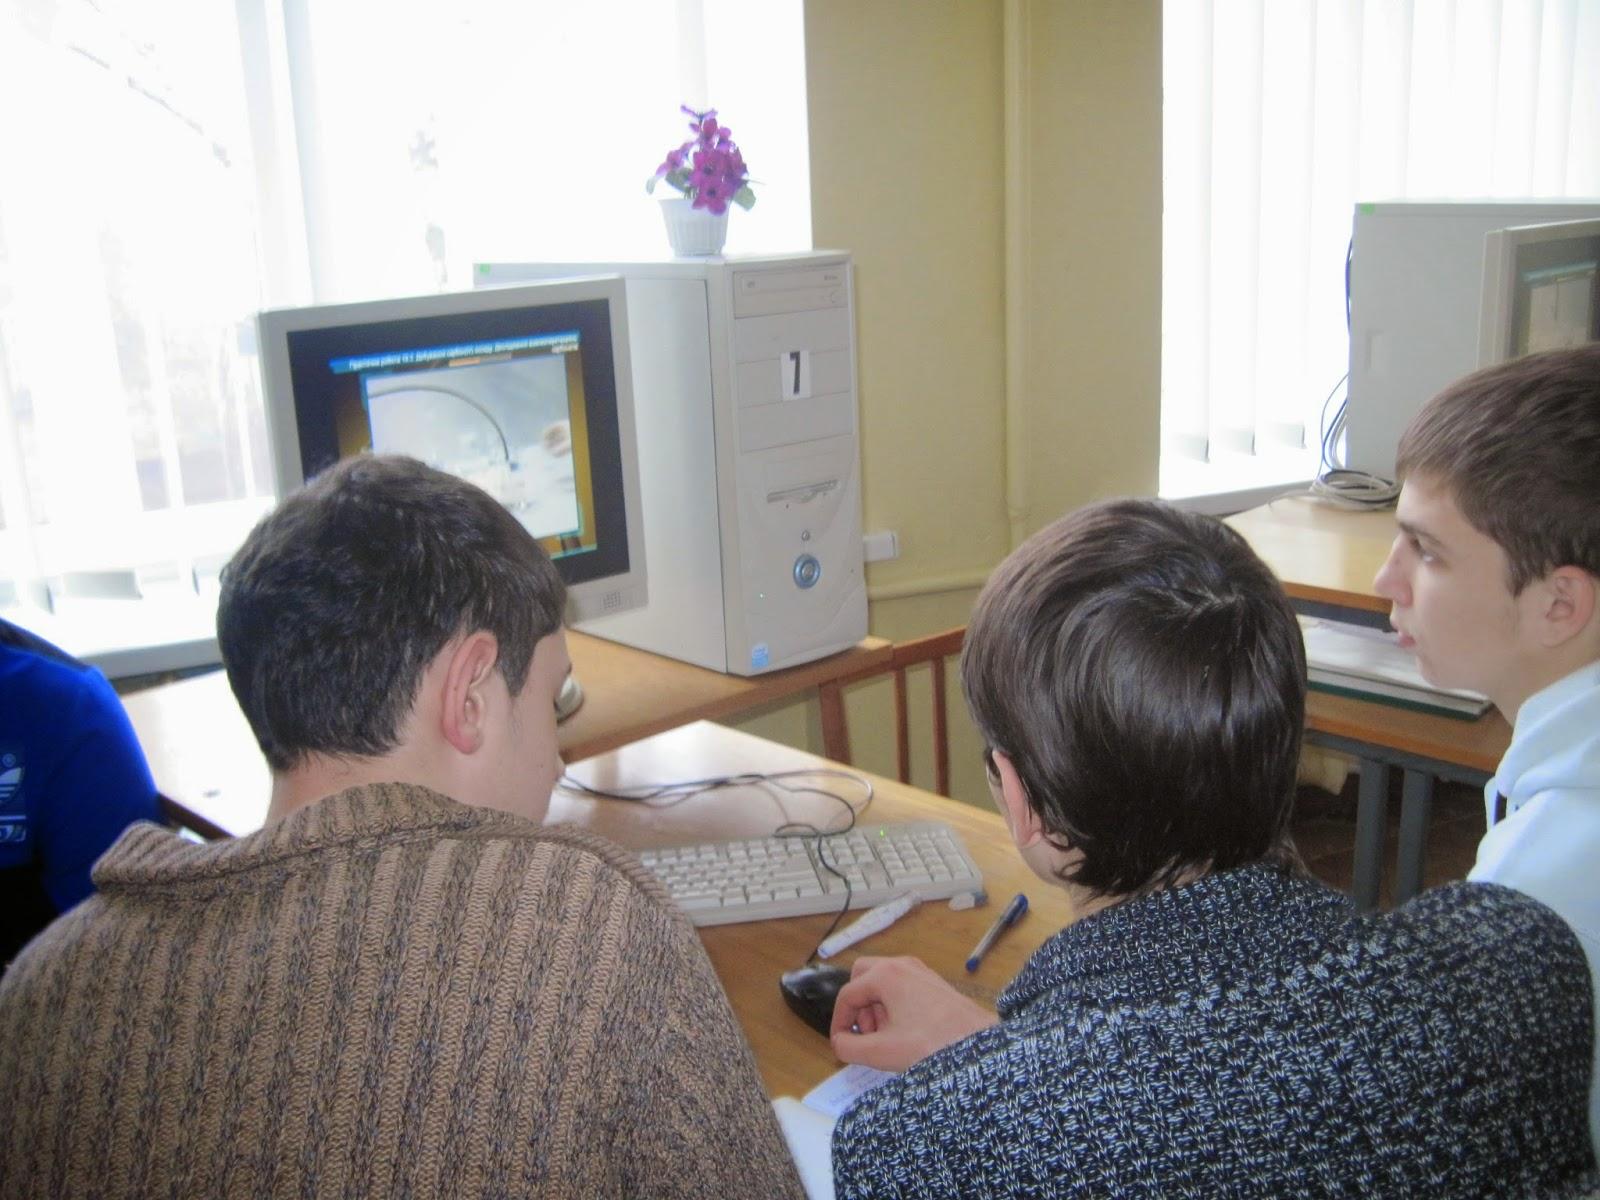 моніторинг 10 клас 2013 завдання бланк для відповідей